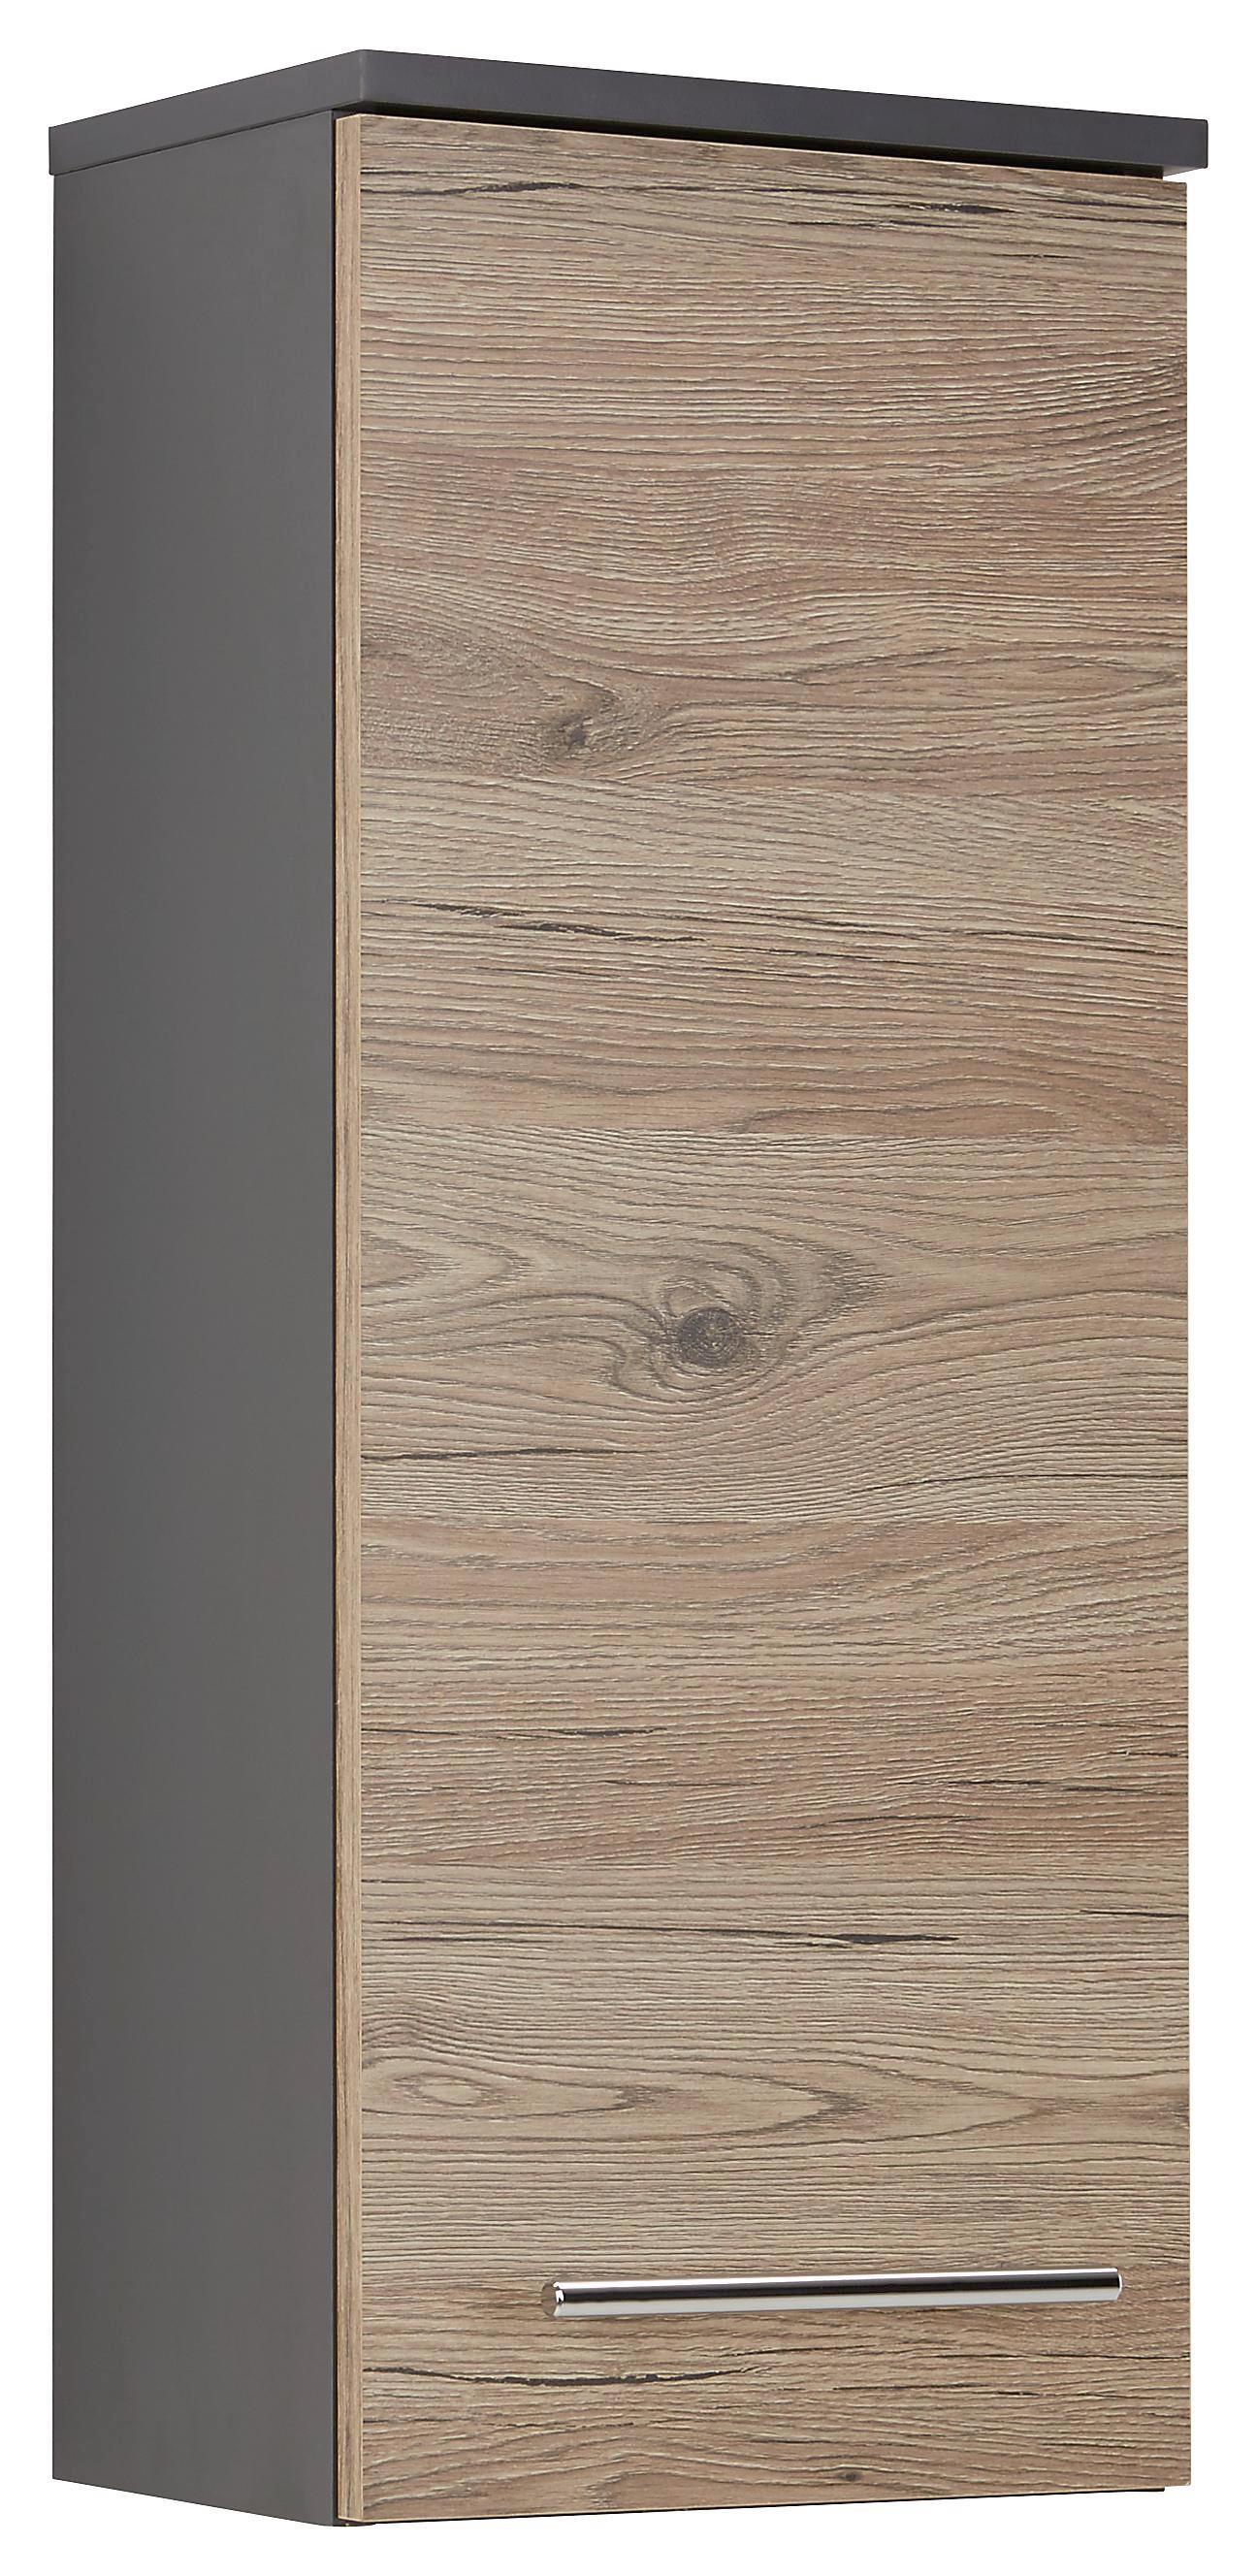 Oberschrank in Eiche/anthrazit - Chromfarben/Eichefarben, MODERN, Holzwerkstoff/Metall (30/75/21cm)